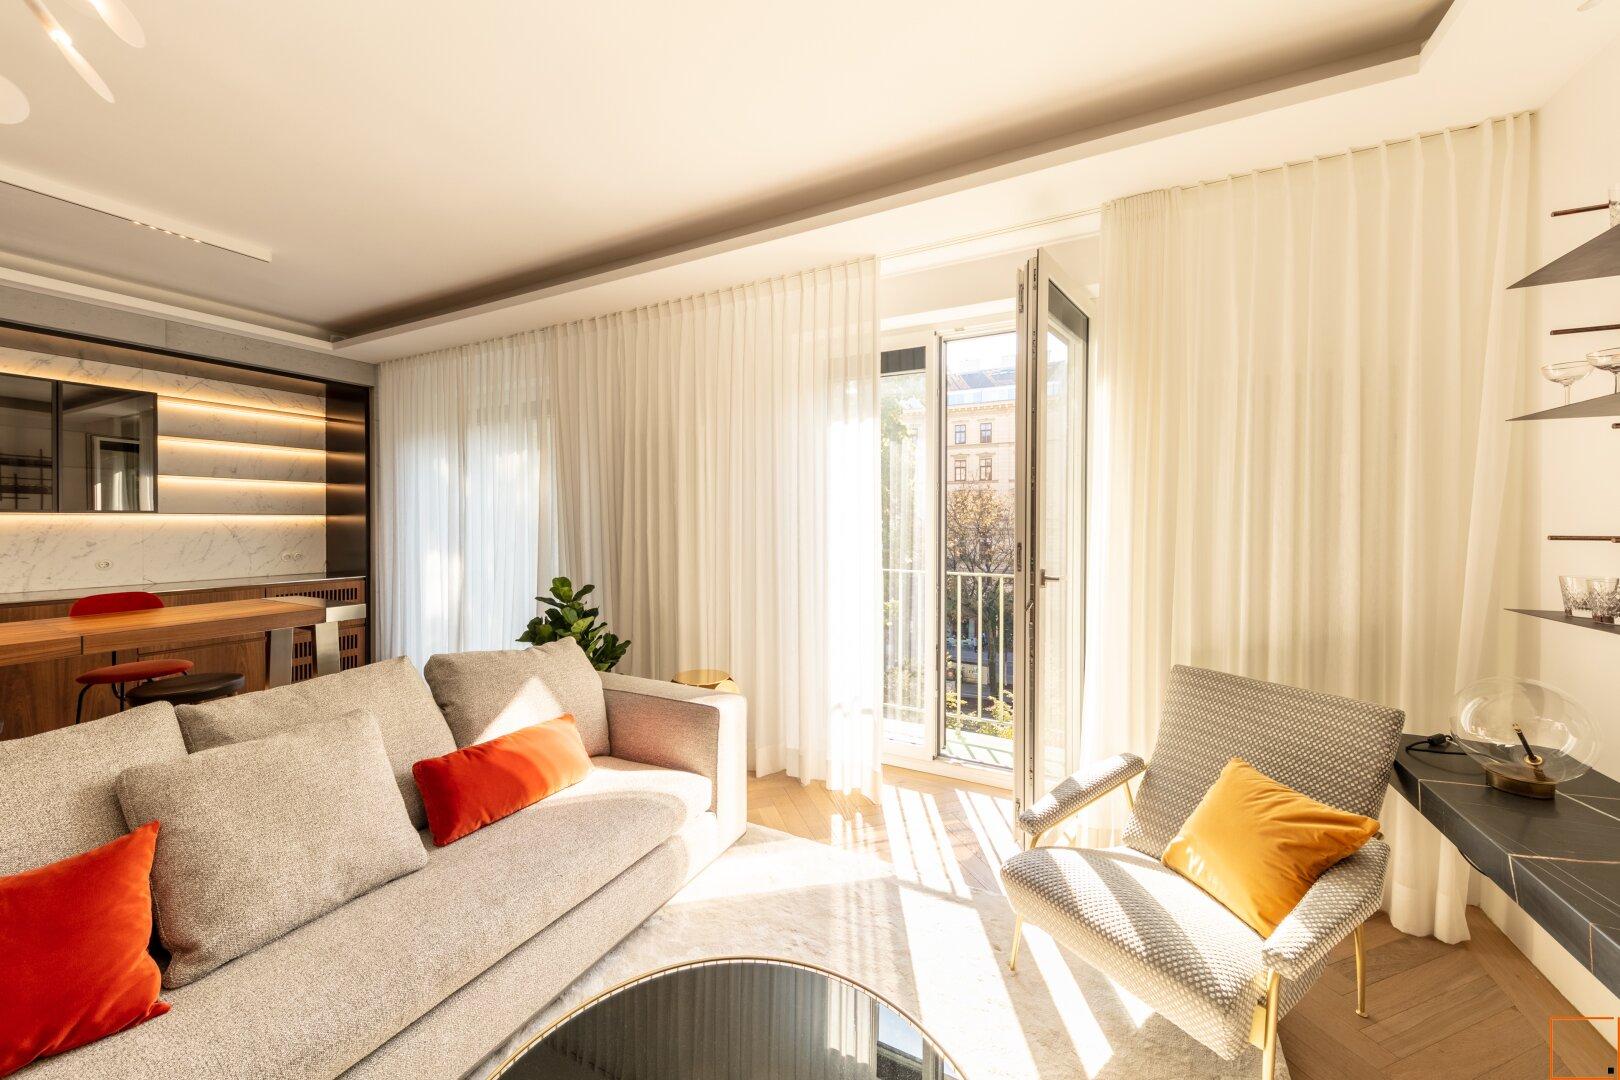 Wohnzimmer mit französischen Fenstern